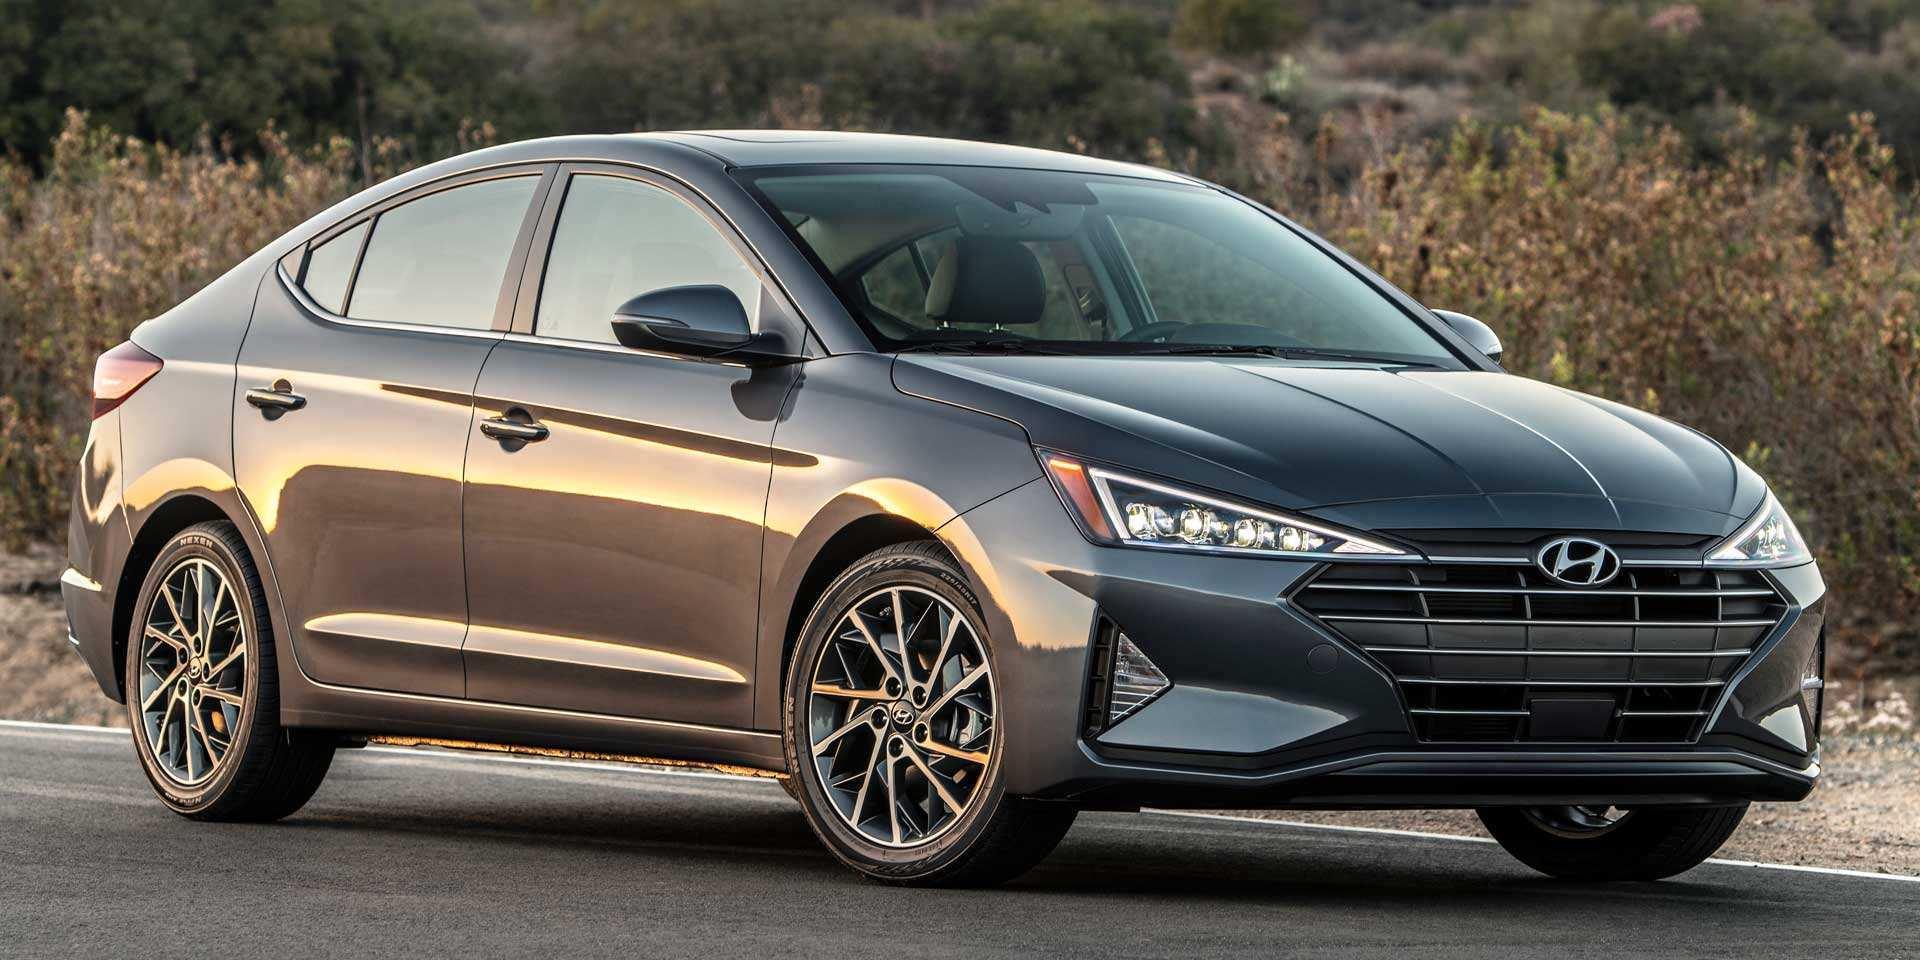 74 All New 2019 Hyundai Models Reviews with 2019 Hyundai Models